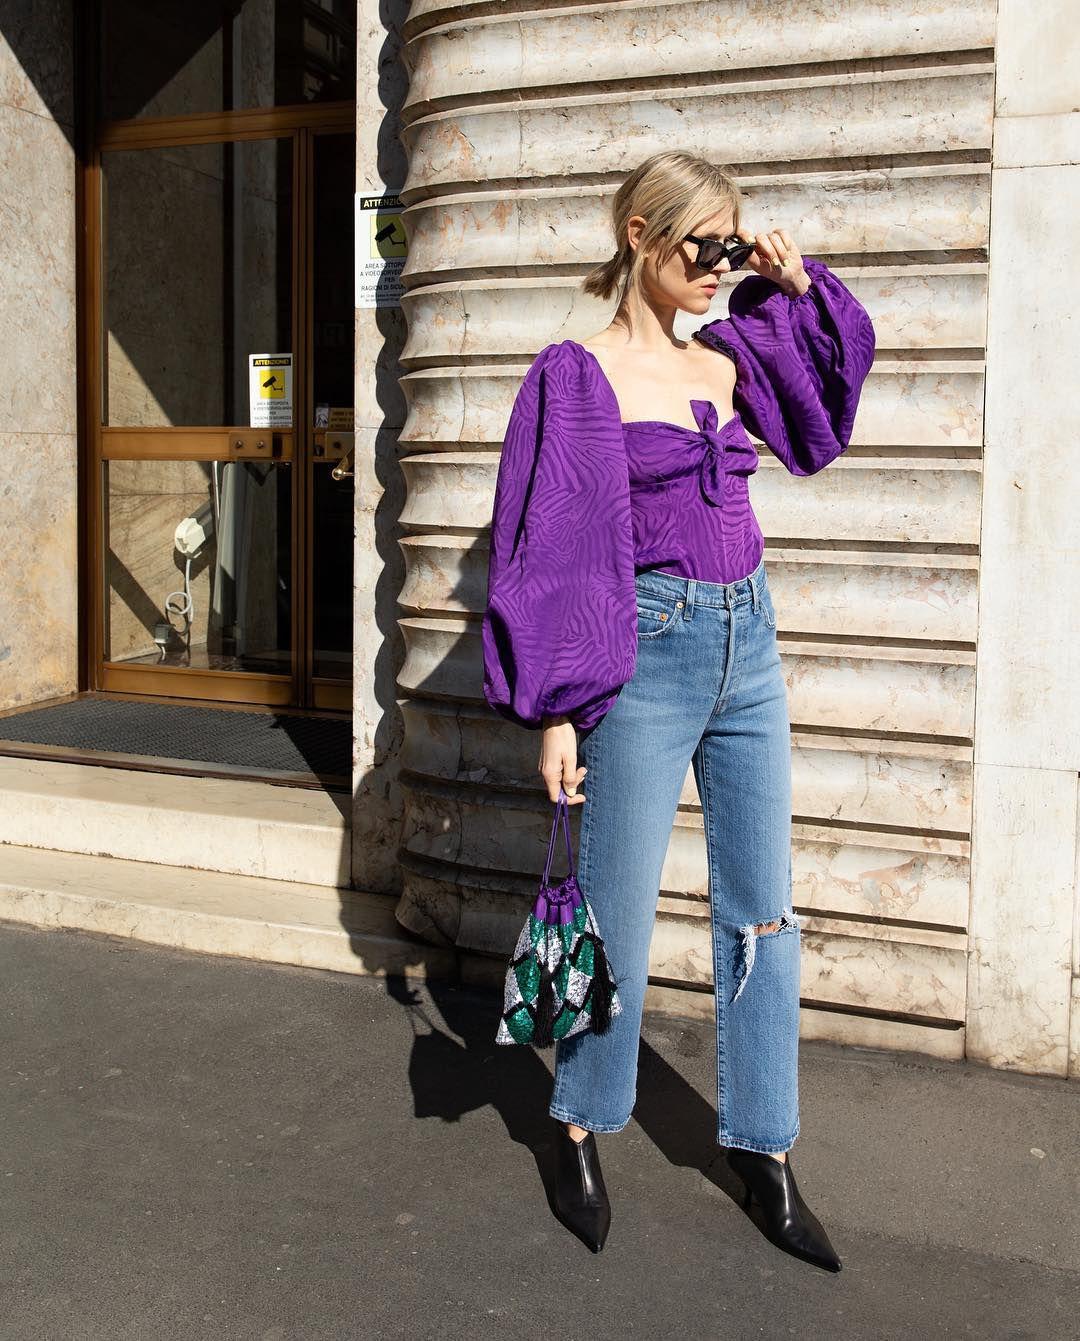 fashionista diện áo blouse tông màu tím cùng quần jeans, bốt cổ thấp và túi xách cùng tông